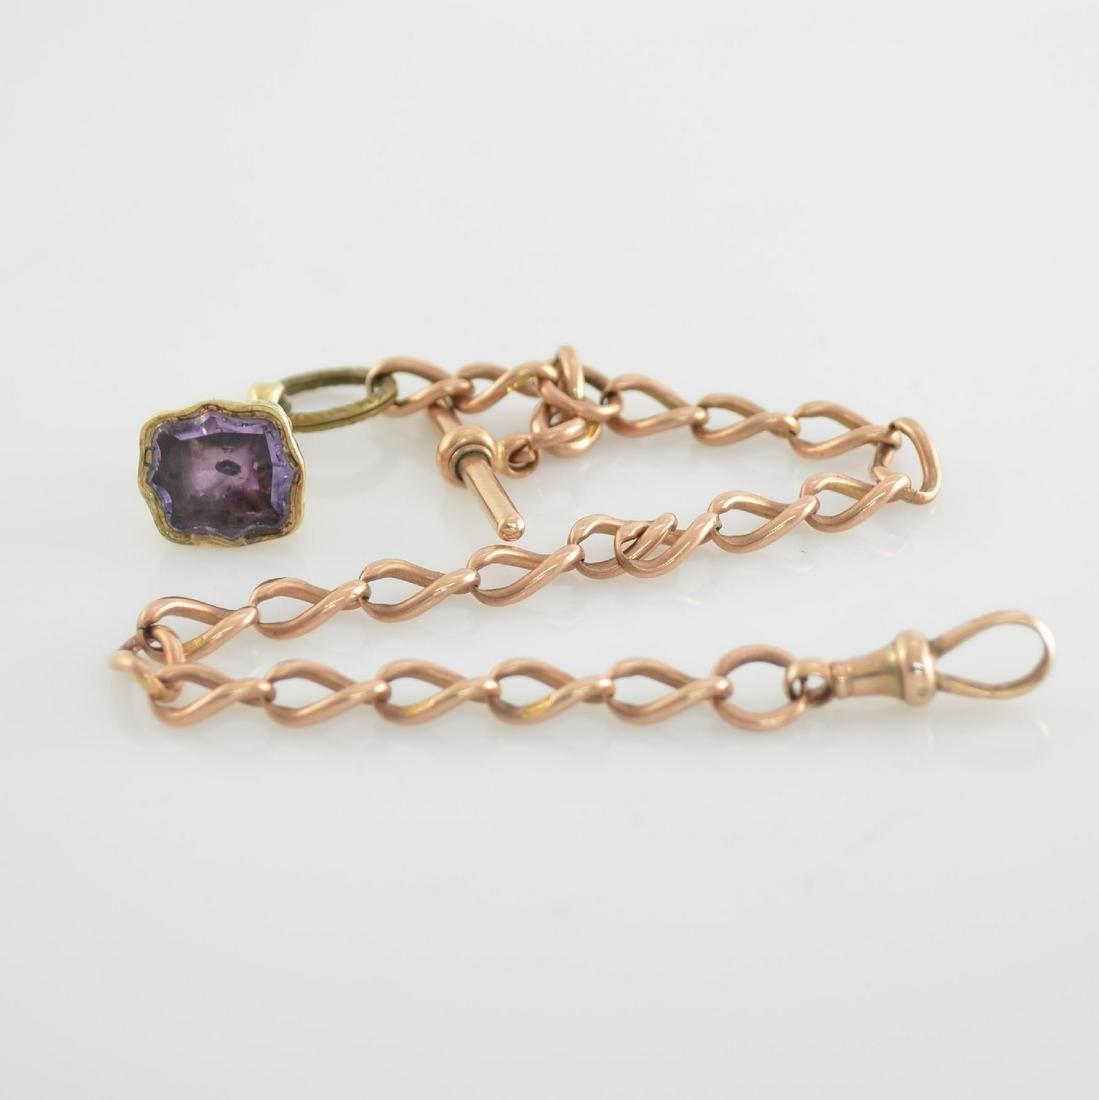 9k pink gold pocket watch chain